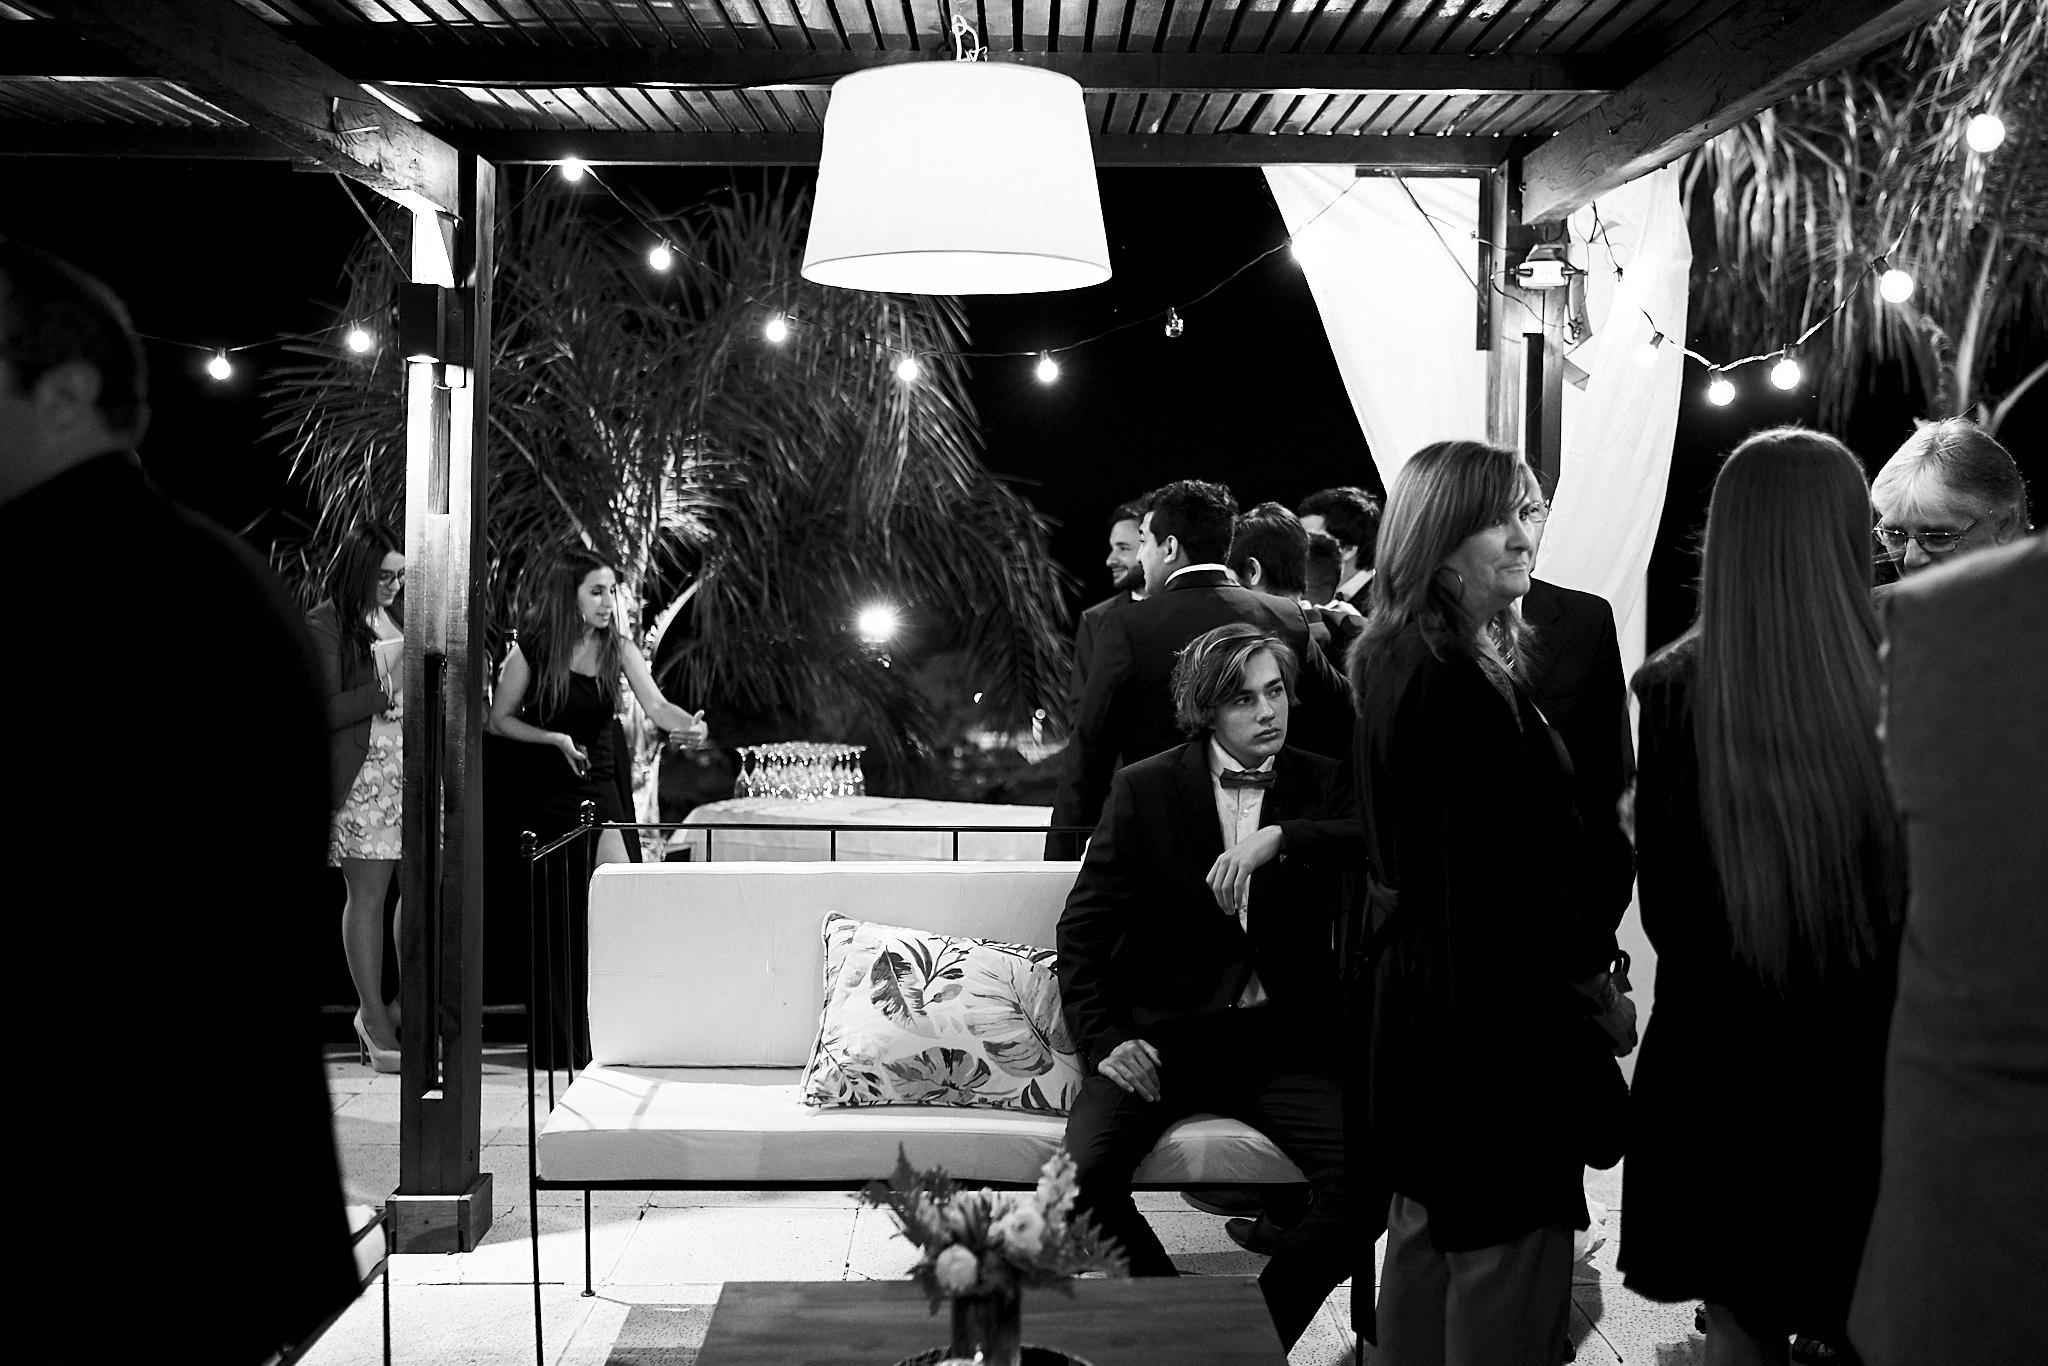 Fotografo de Bodas Victoria Entre Rios Argentina LME05058.jpg